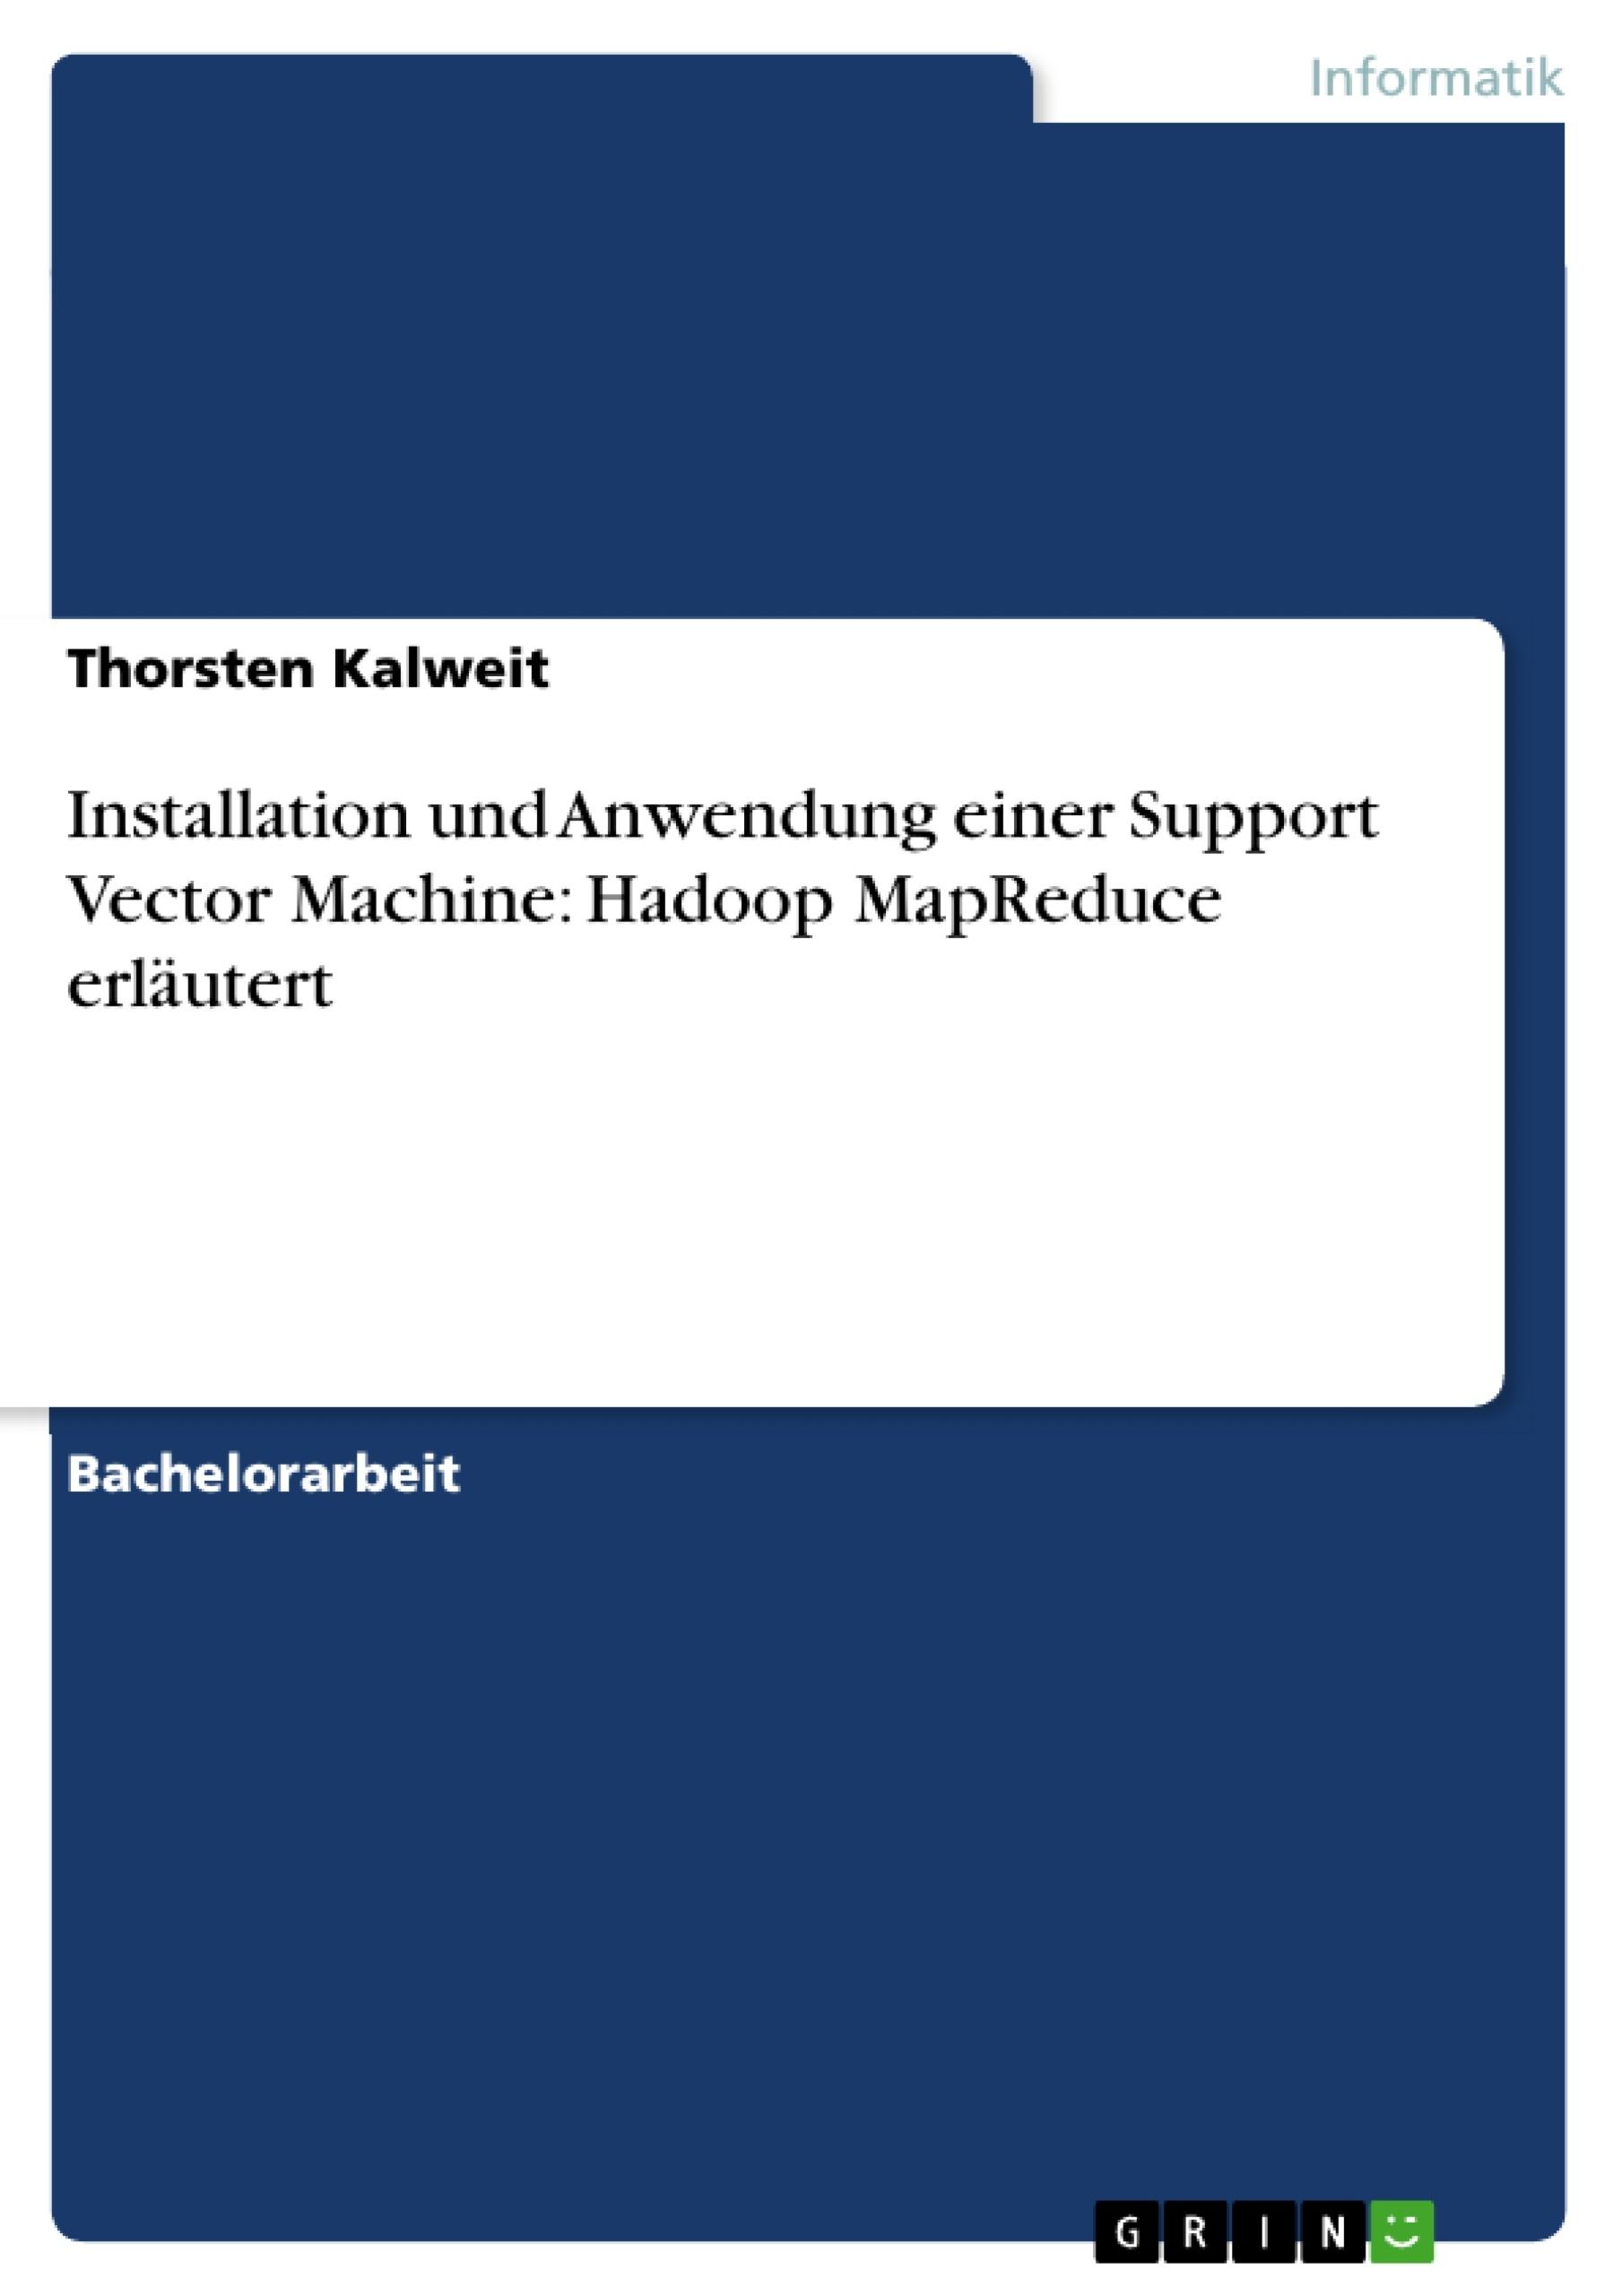 Titel: Installation und Anwendung einer Support Vector Machine: Hadoop MapReduce erläutert